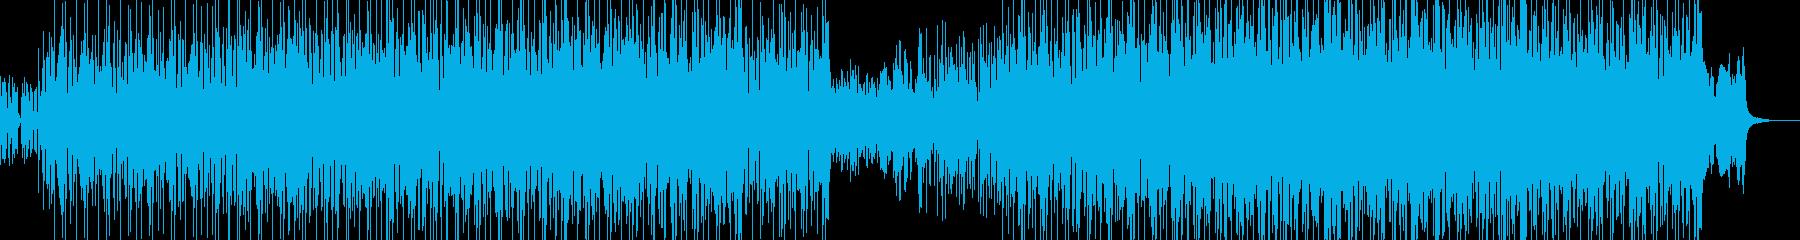 可愛いオバケが躍るようなハロウィン風の曲の再生済みの波形